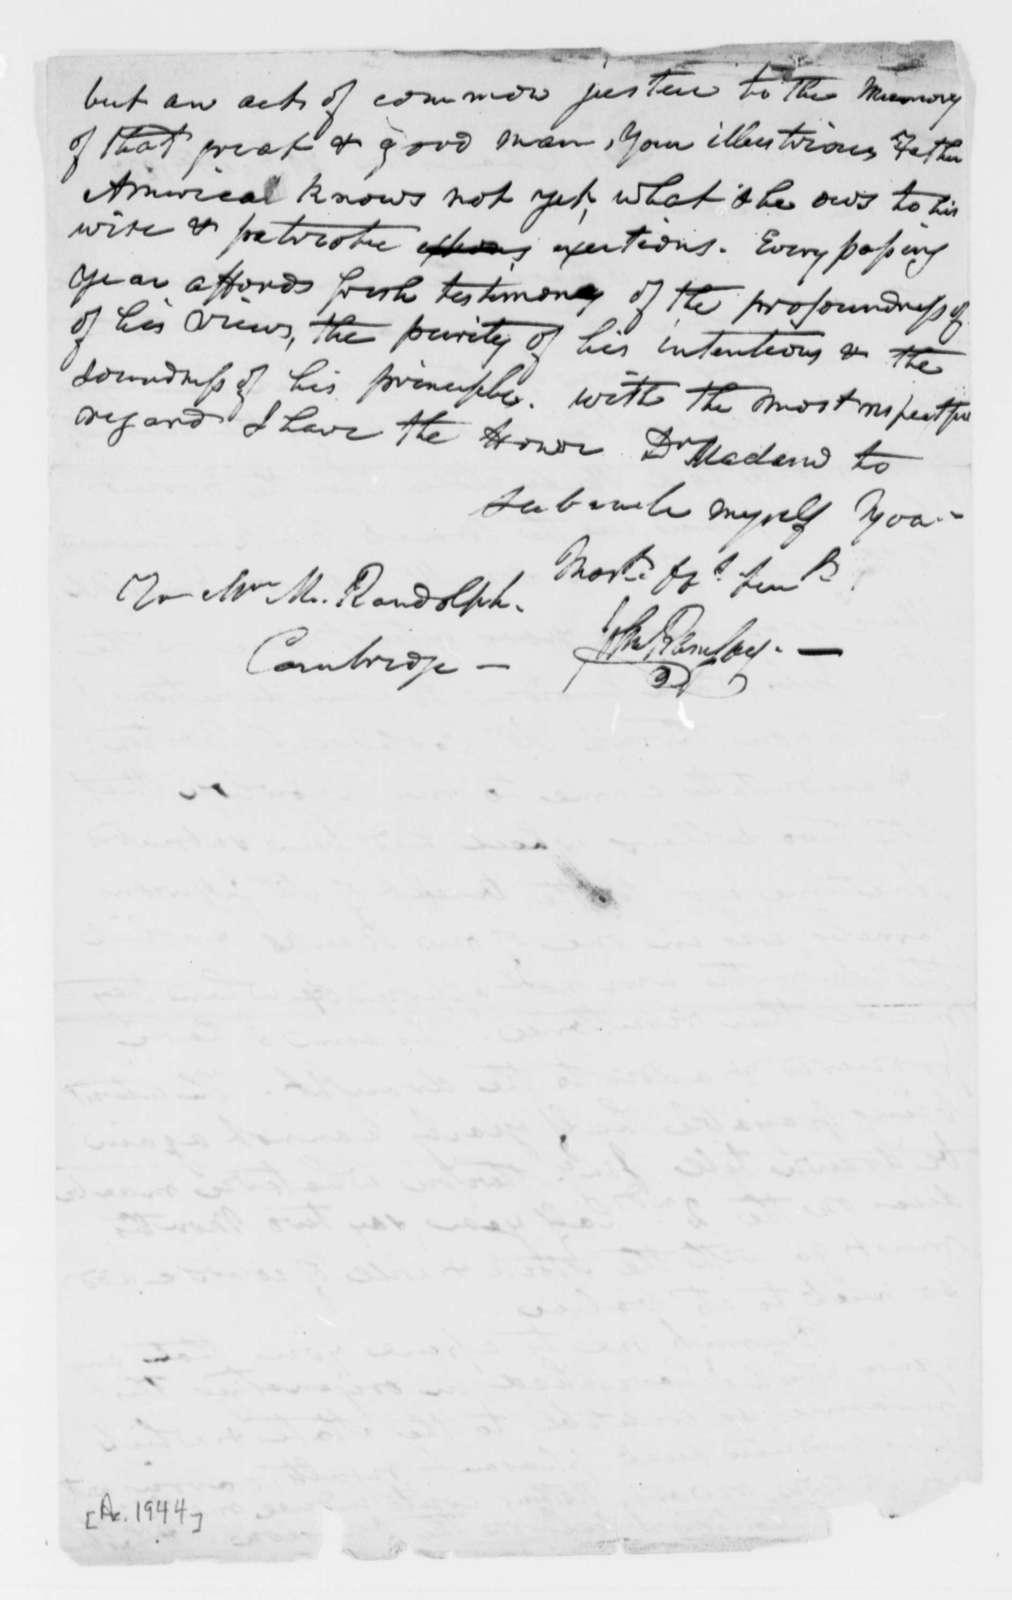 John Ramsay to Martha Randolph, September 29, 1827